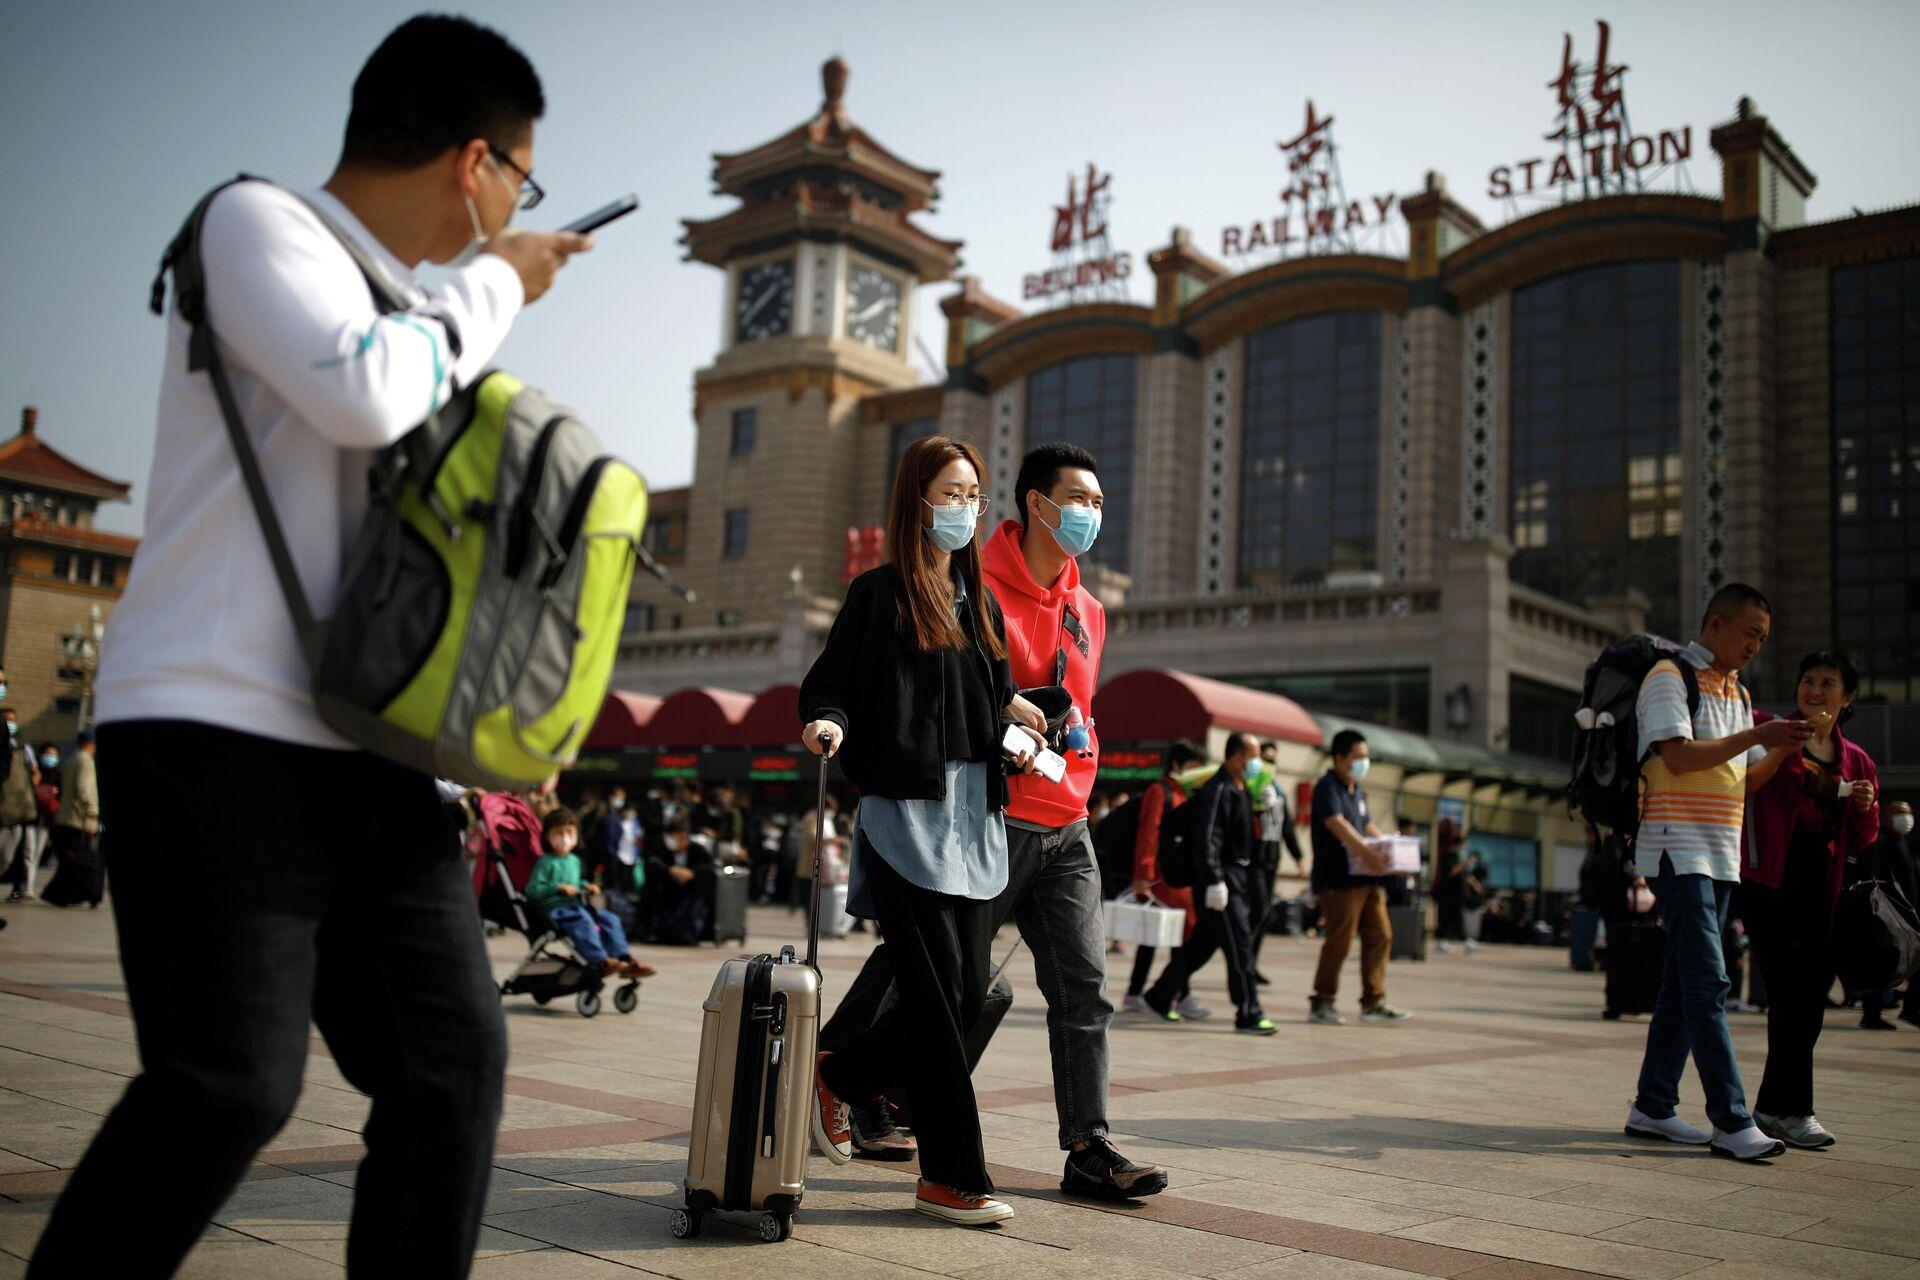 Люди с защитных масках возле железнодорожного вокзала в Пекине  - РИА Новости, 1920, 07.10.2020